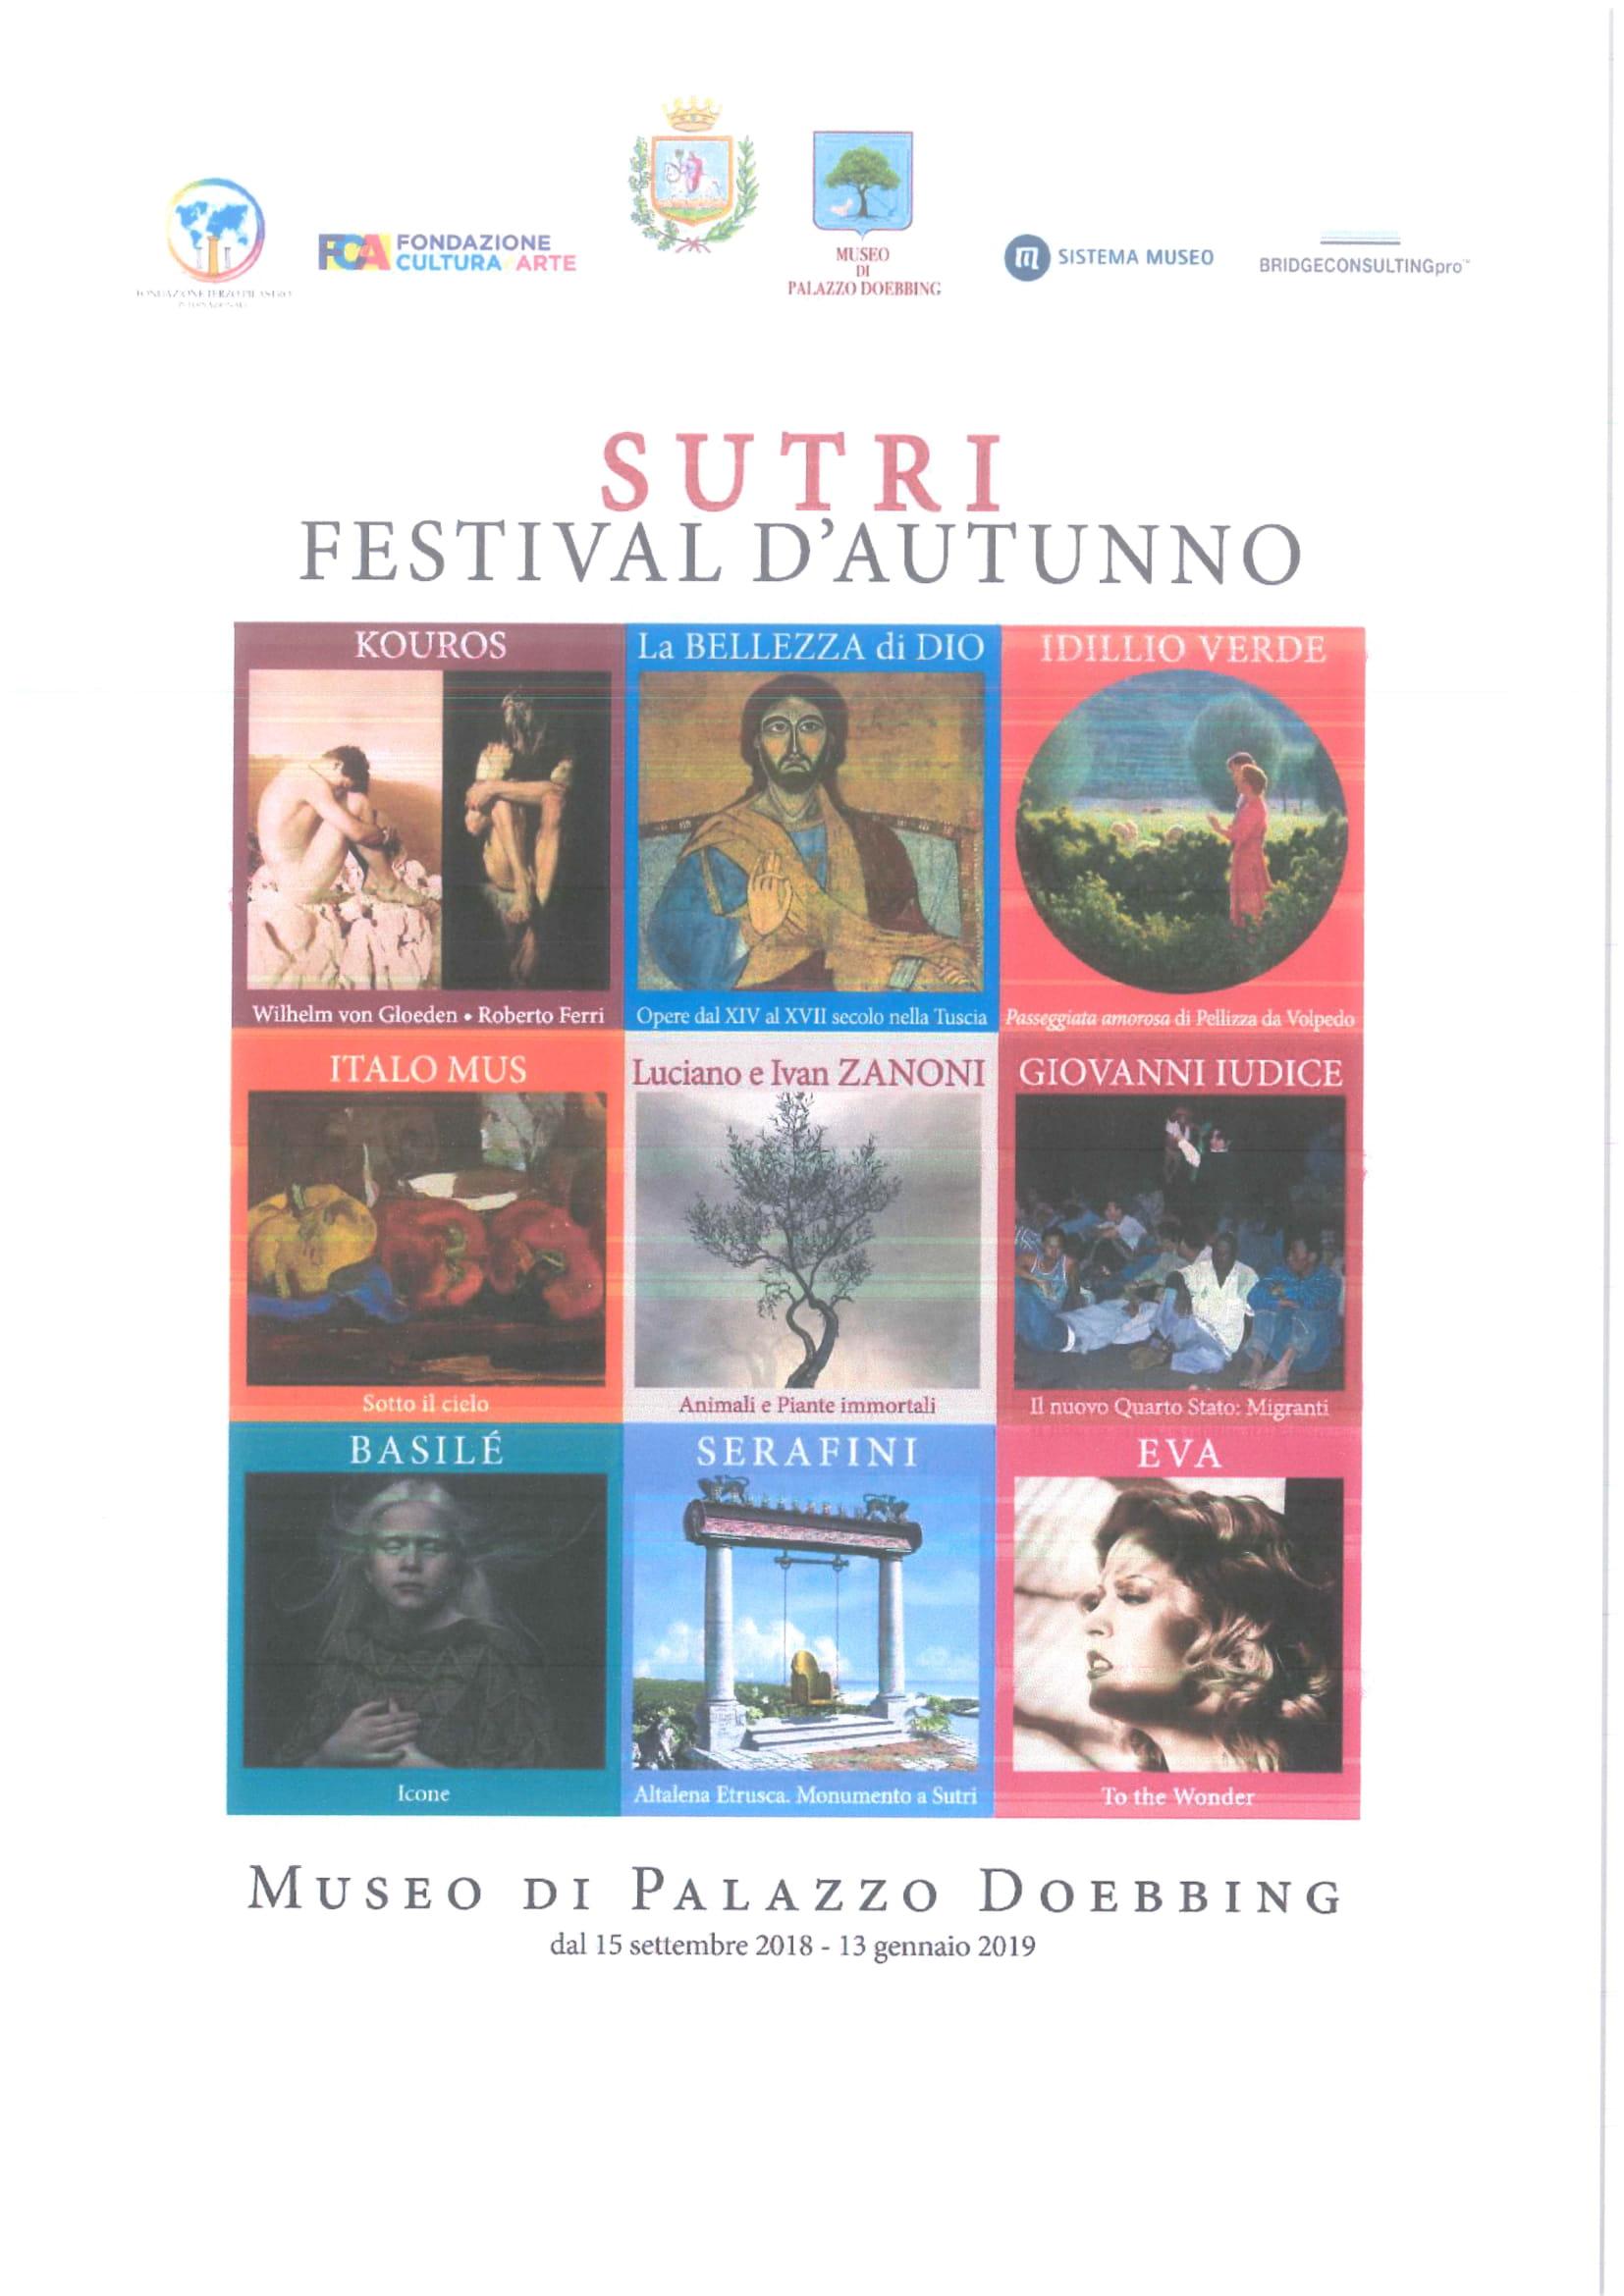 SUTRI FESTIVAL D'AUTUNNO - PROGRAMMA